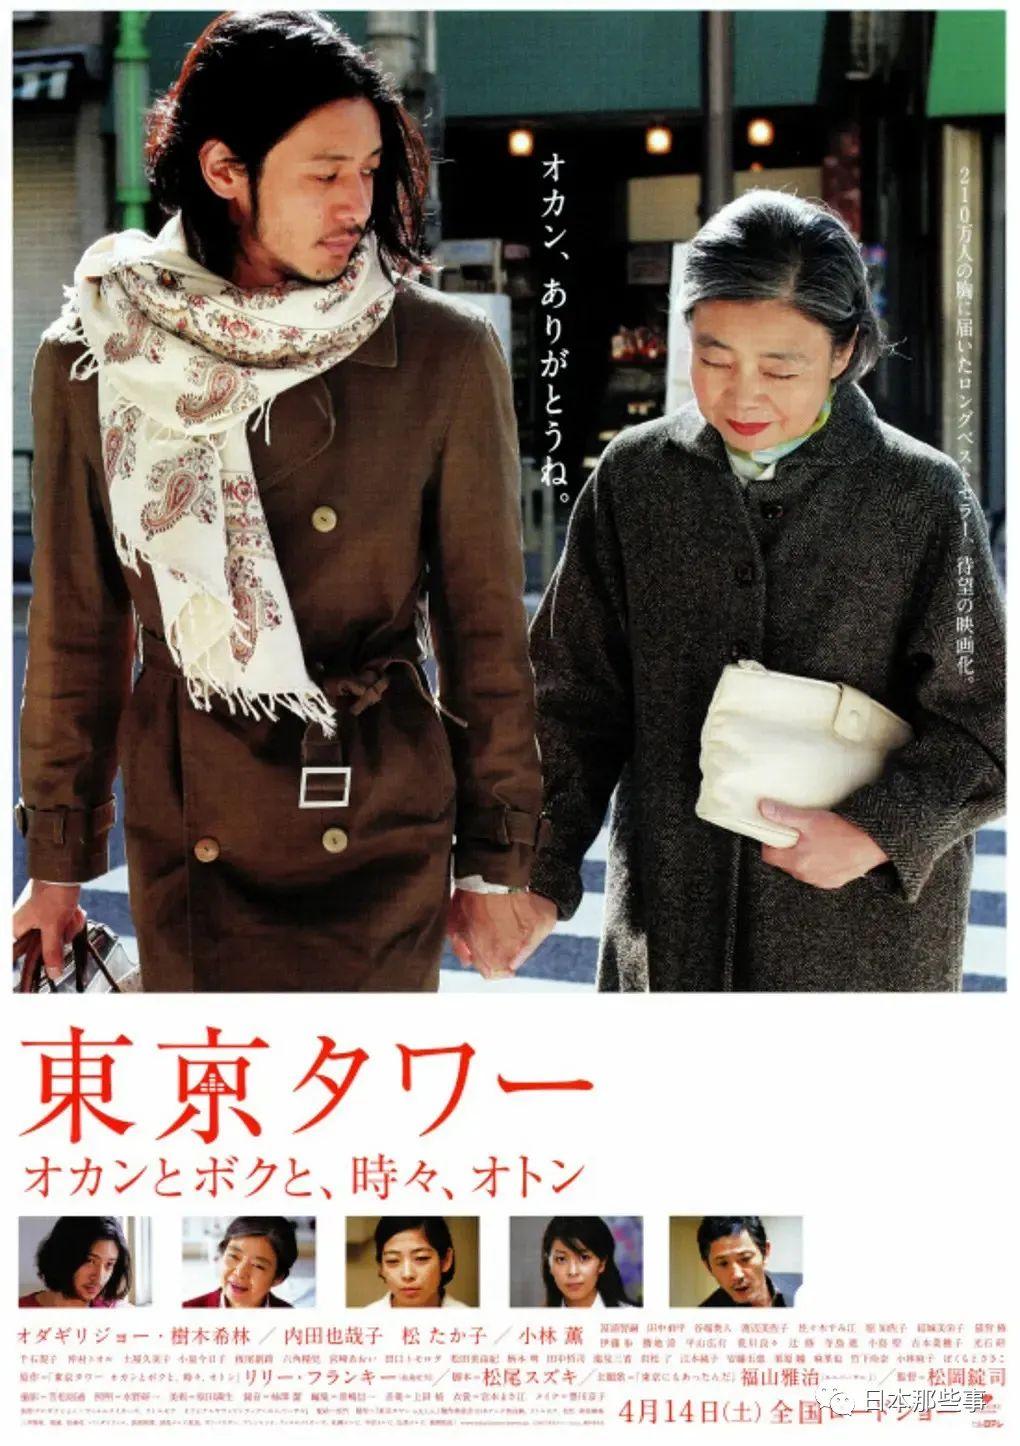 长泽雅美中川雅也被曝约会 协作话剧成为忘年交(图18)